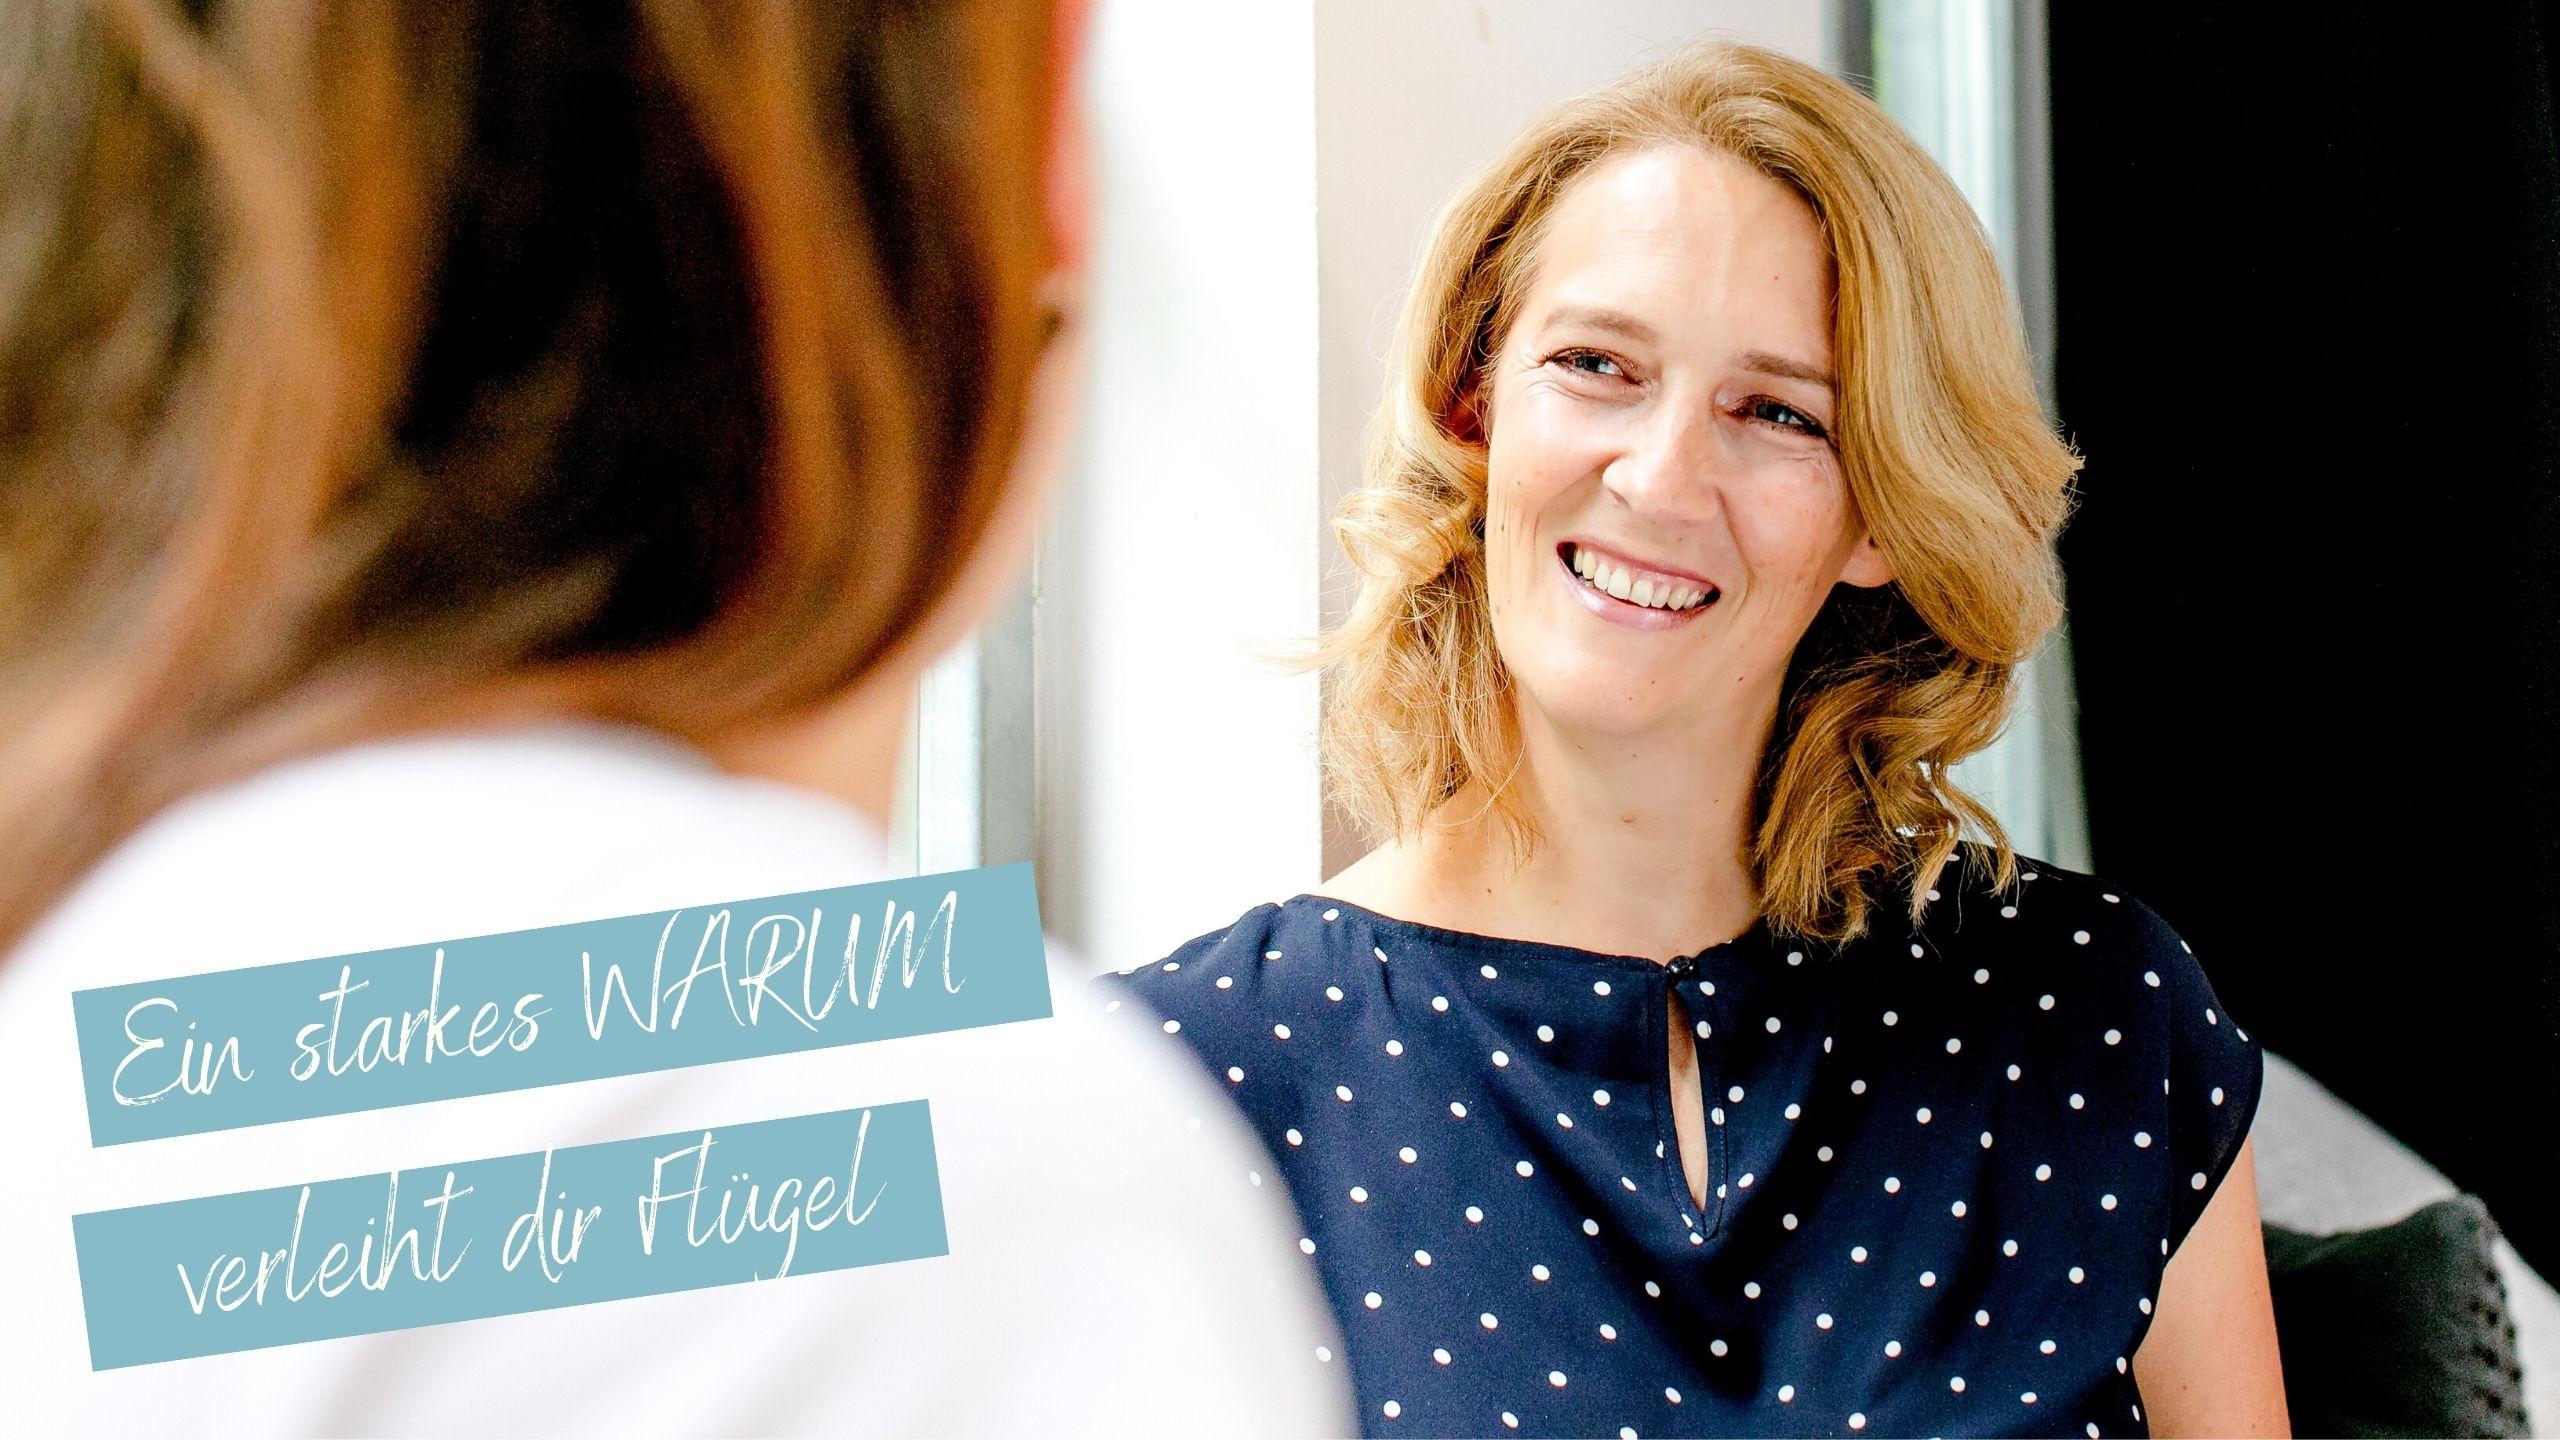 Michaela Schächner-Business Mentorin-geiler gründen-ein starkes WARUM verleiht dir Flügel